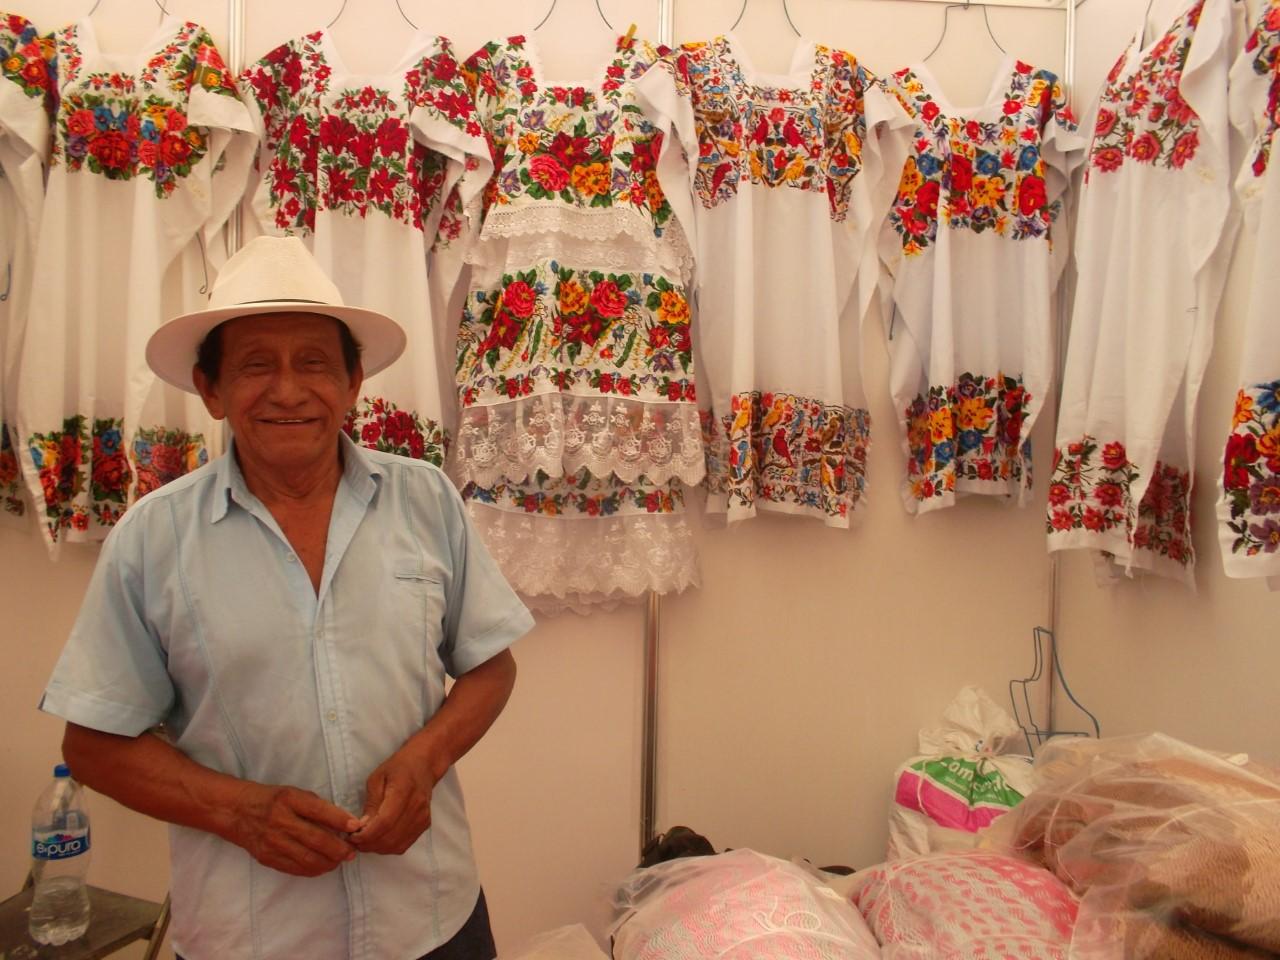 El hipil, símbolo de identidad yucateca